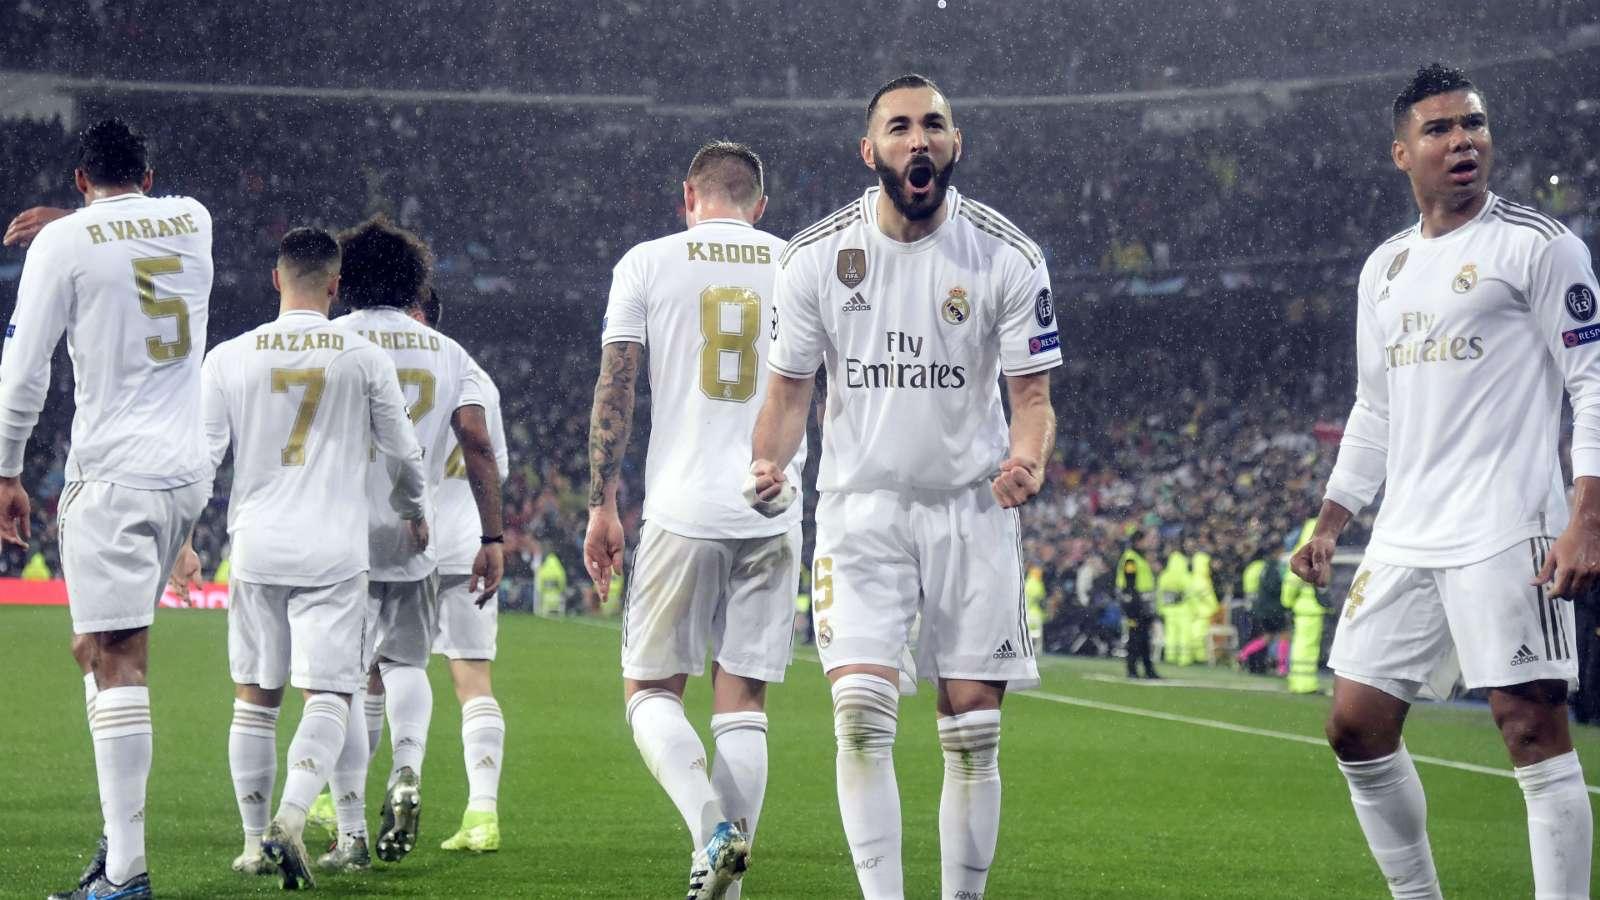 Skuad Real Madrid Sepakat Potong Gaji